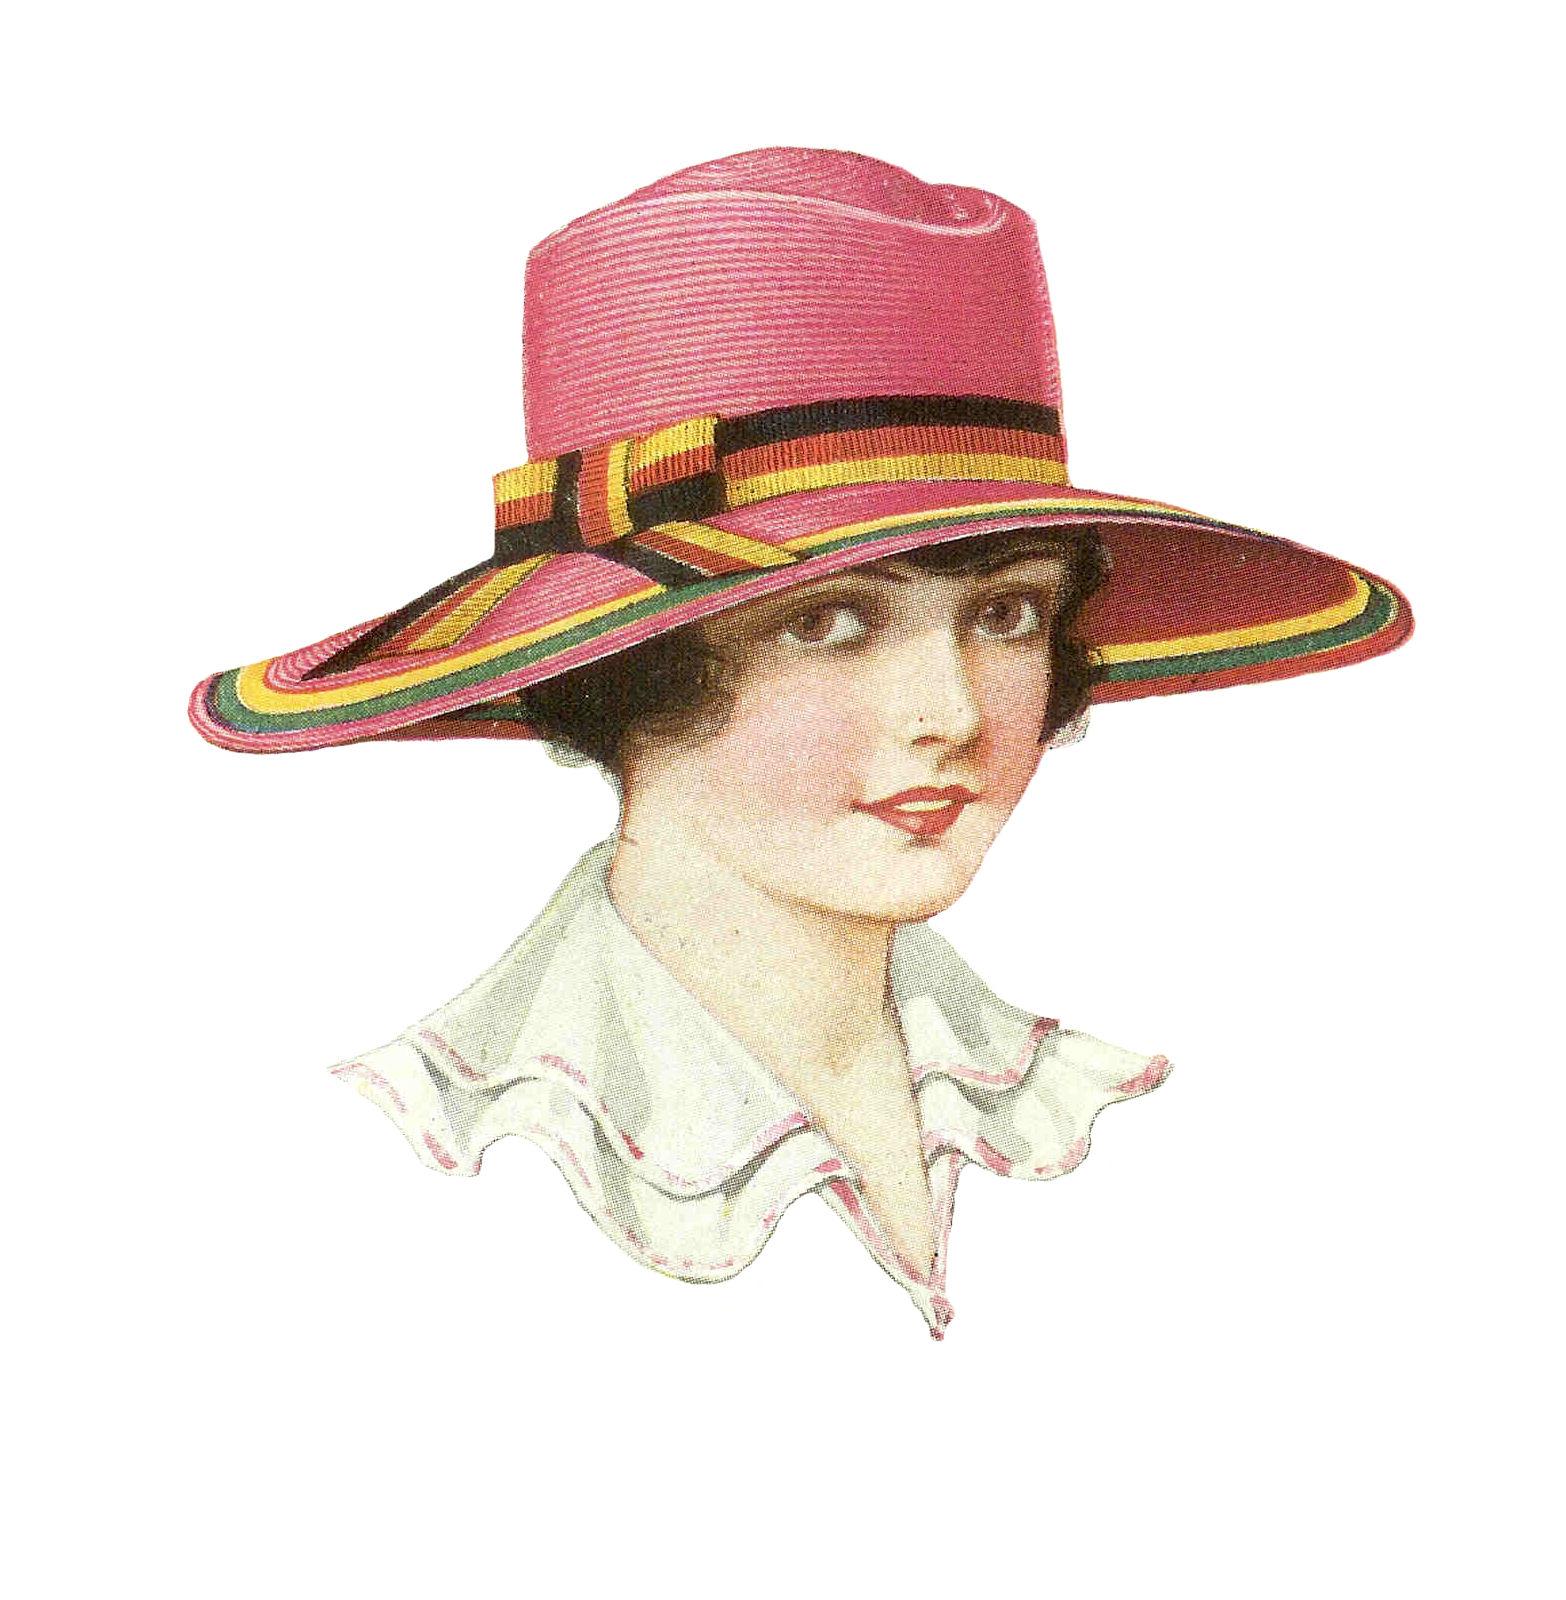 Victorian Hats for Ladies Clip Art | Old Design Shop Blog  |Vintage Hat Art